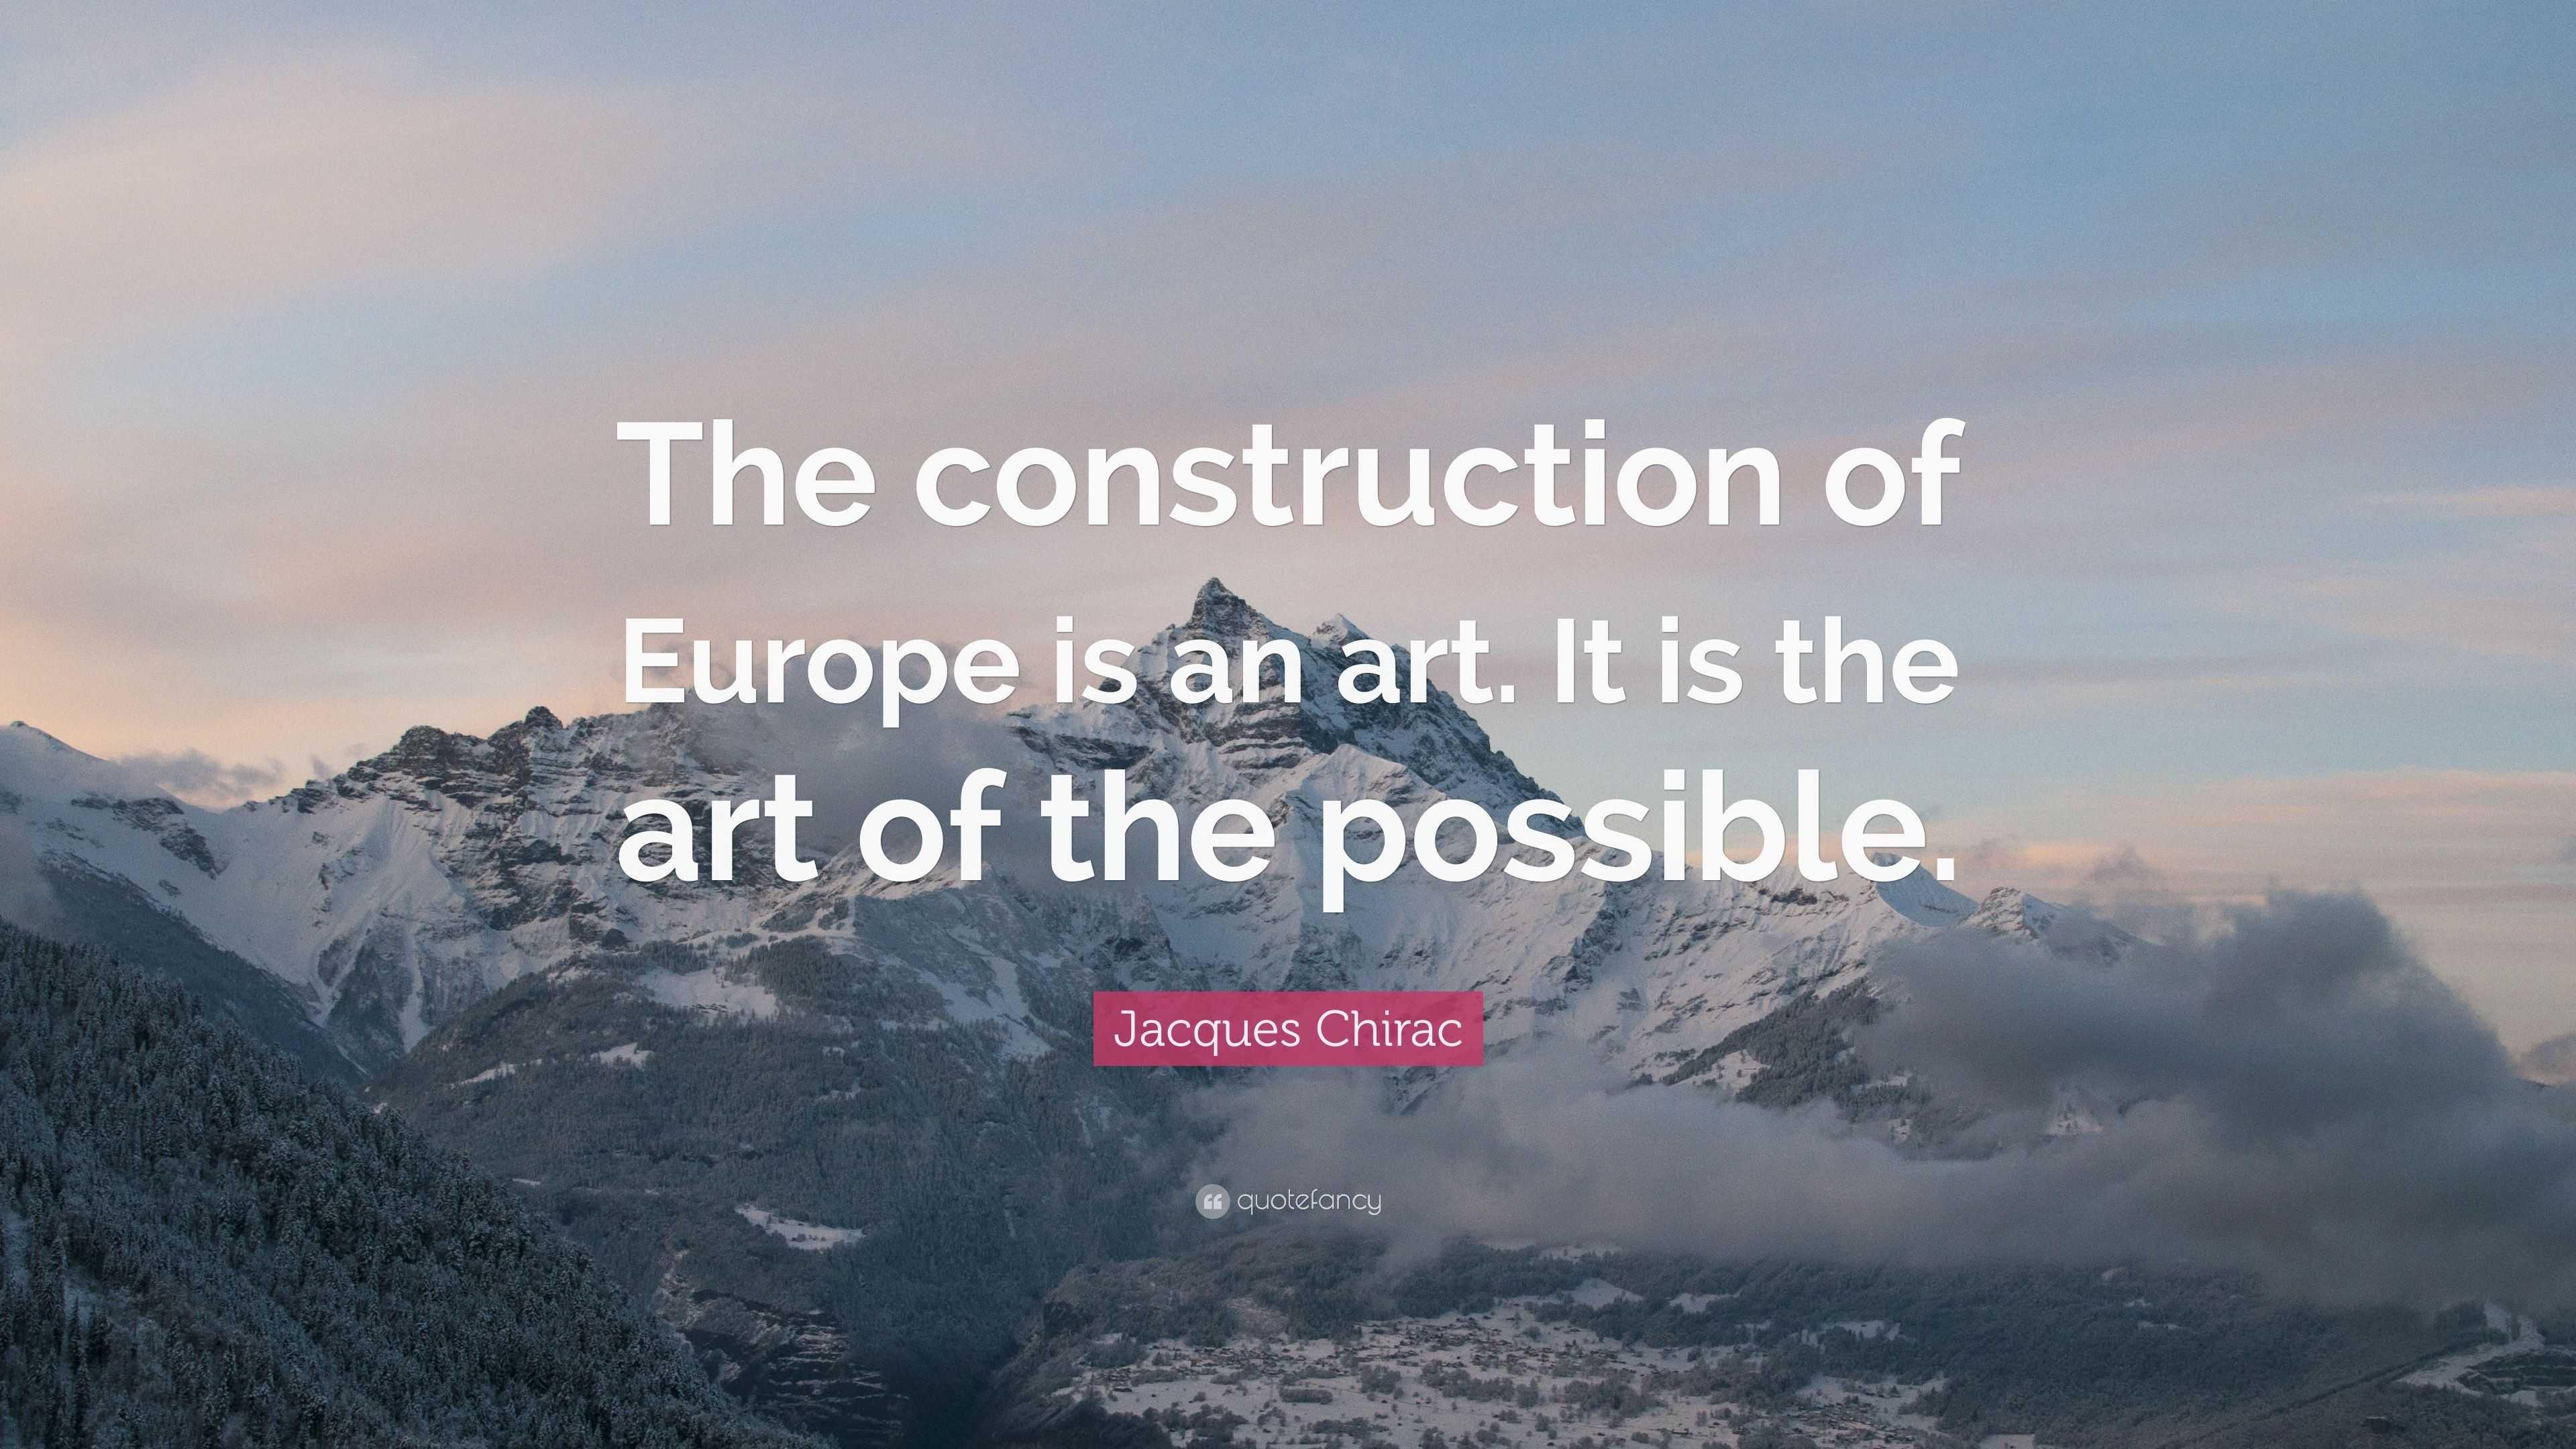 Construction is an art